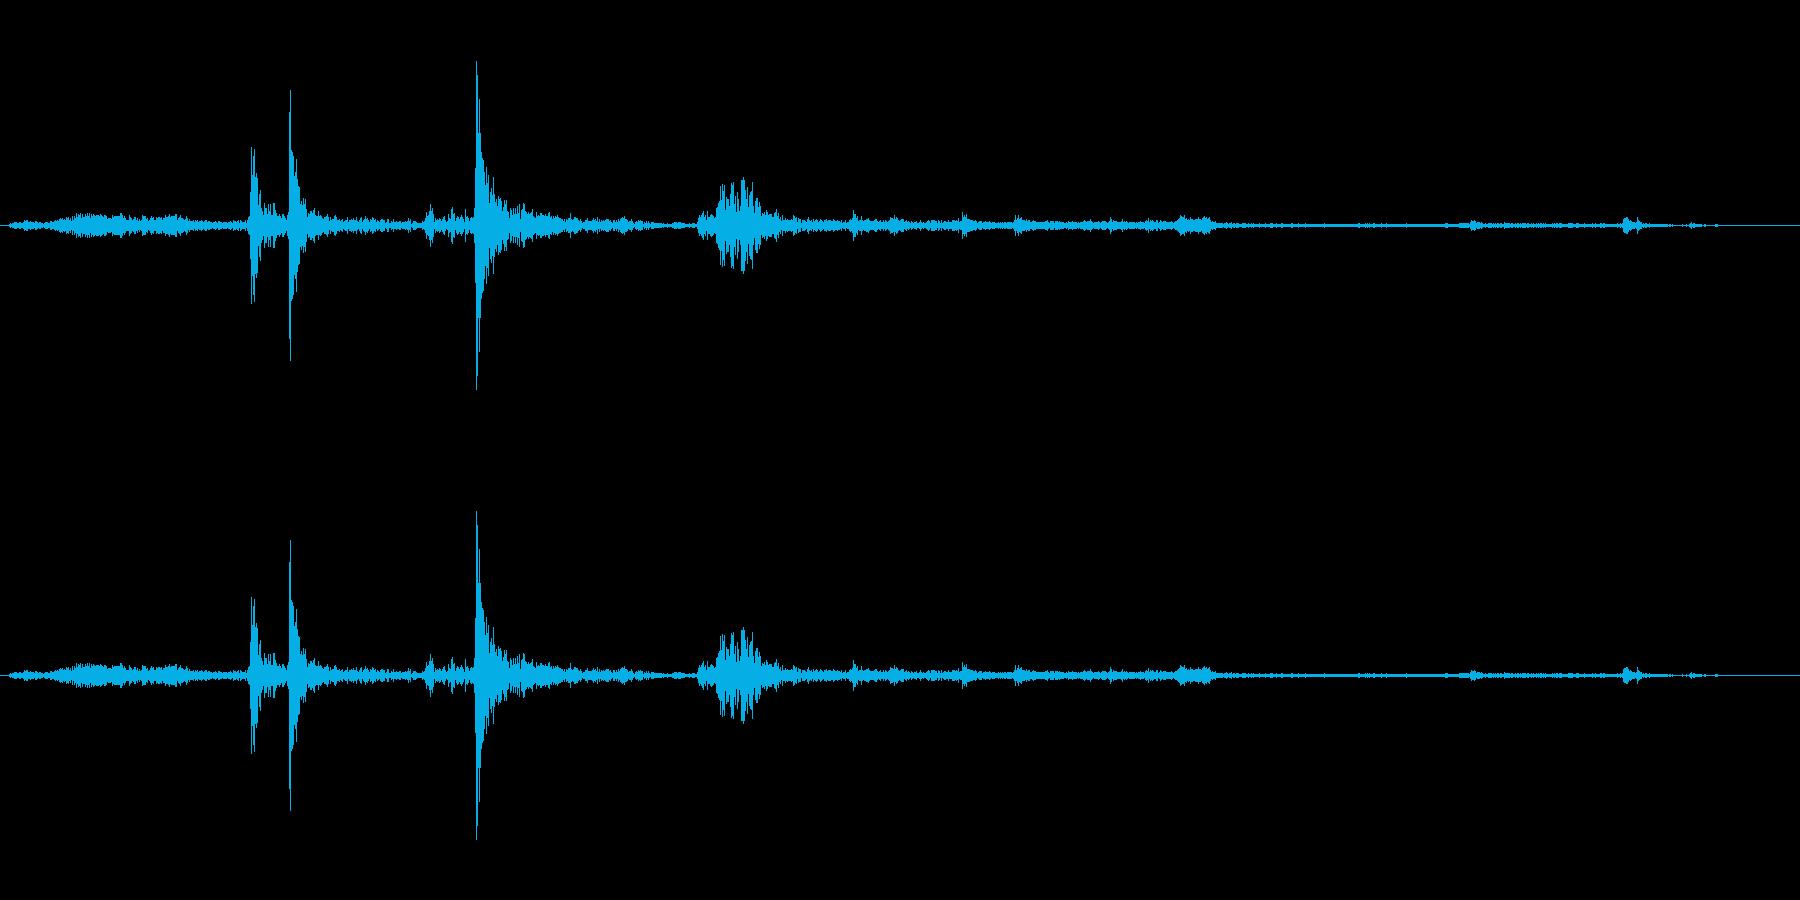 パソコンからCDが出てくる音の再生済みの波形